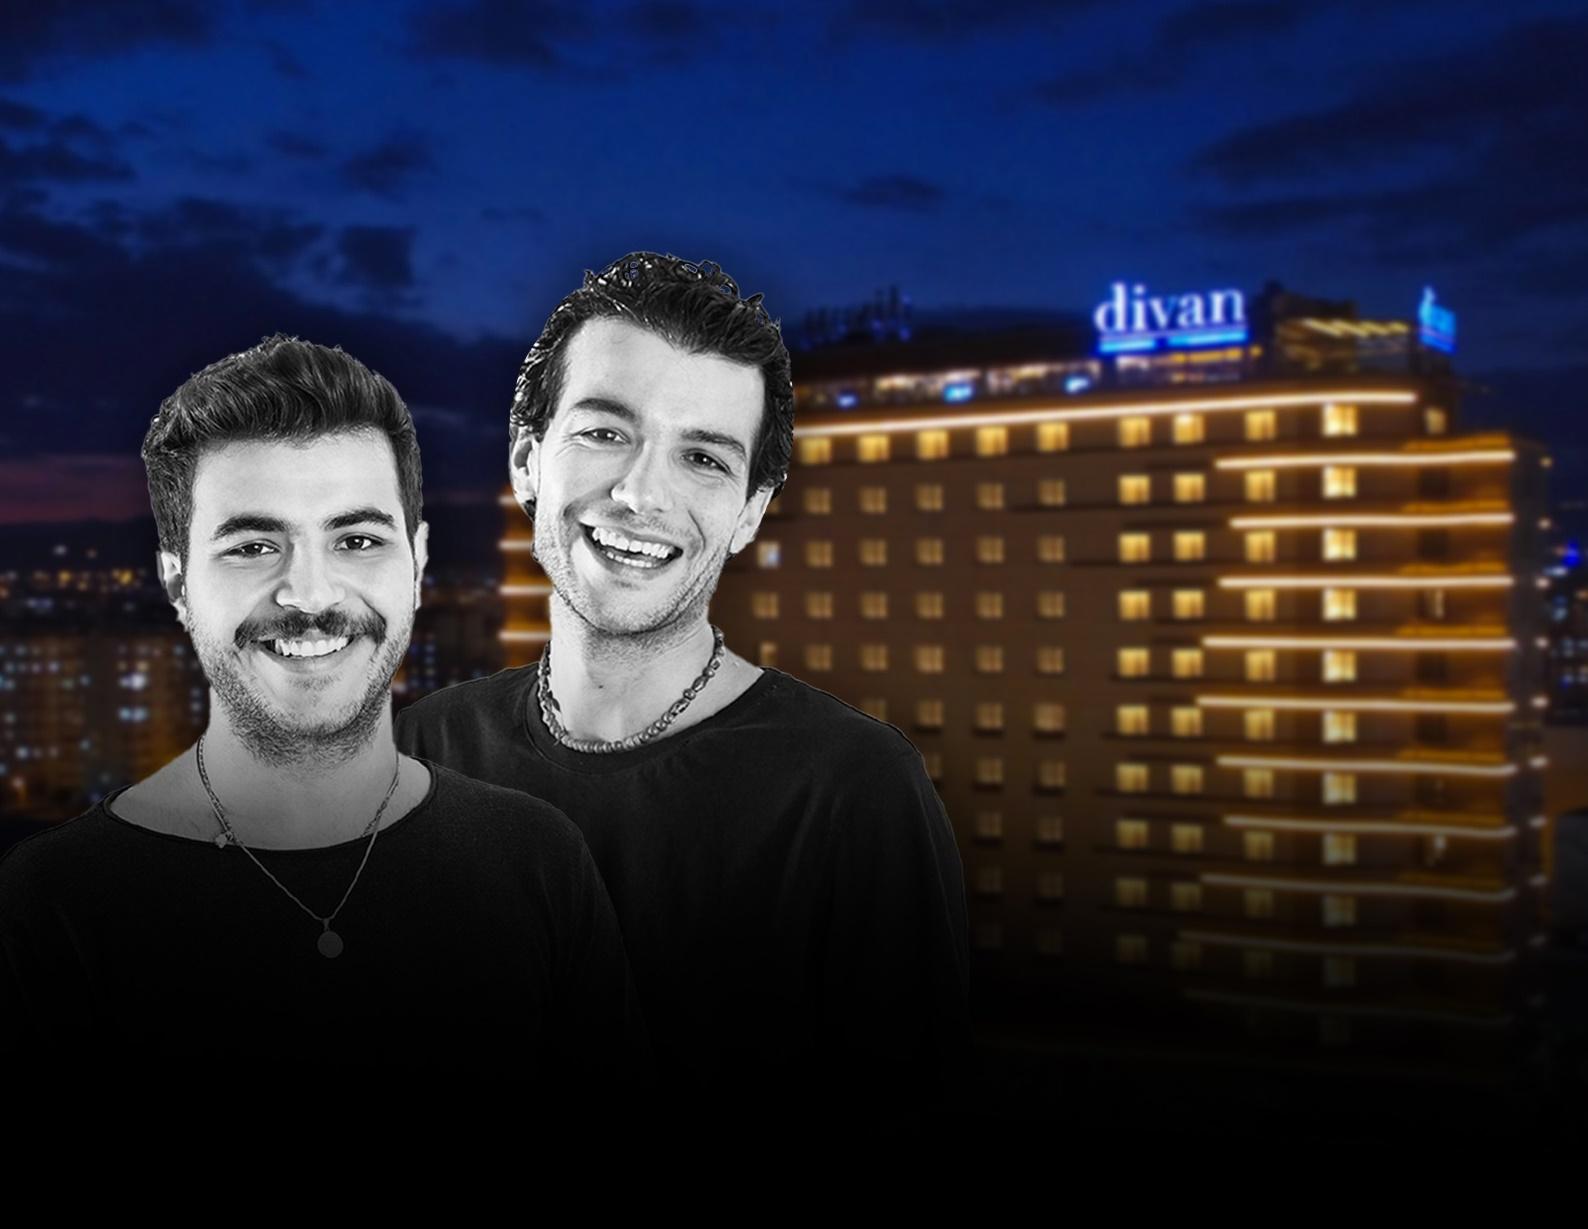 Jonat's House Make-Up Uzmanları 8 Mart'ta Divan Otel'e Geliyor